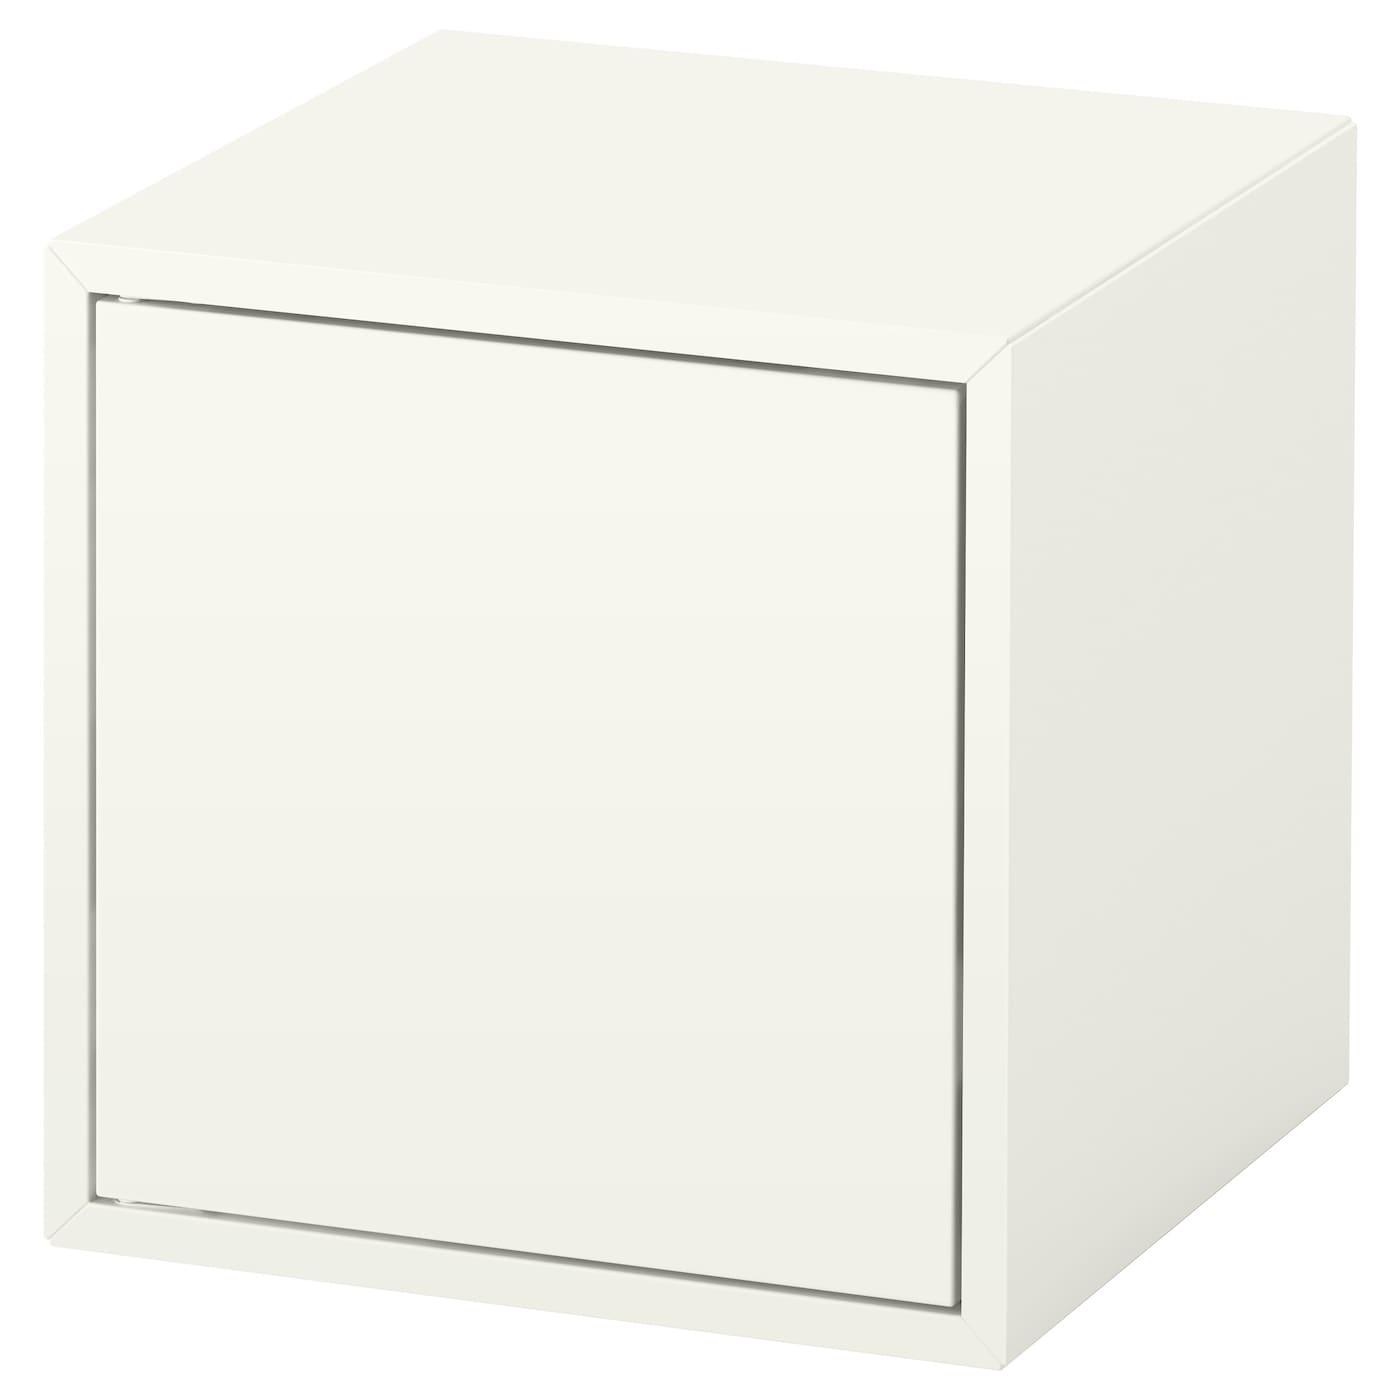 EKET Schrankkombination für Wandmontage